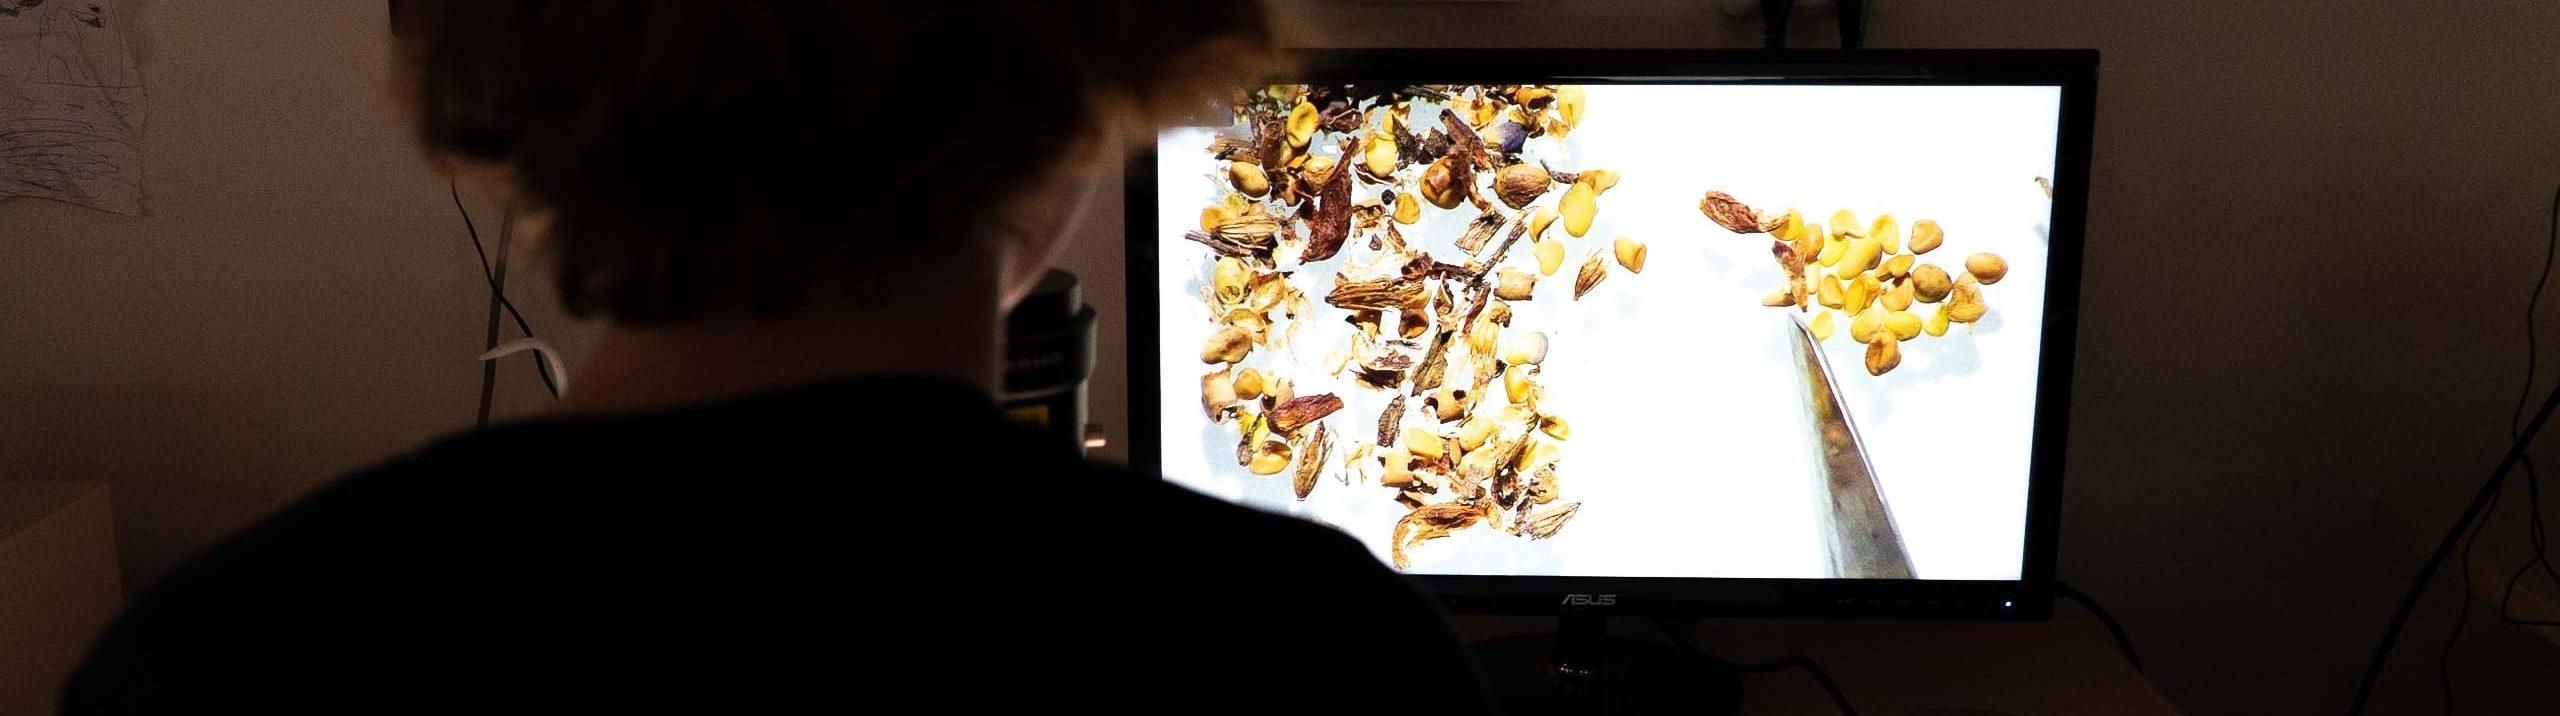 Kvinna med NordGen-tröja sitter framför en skärm med bild på uppförstorade fröer